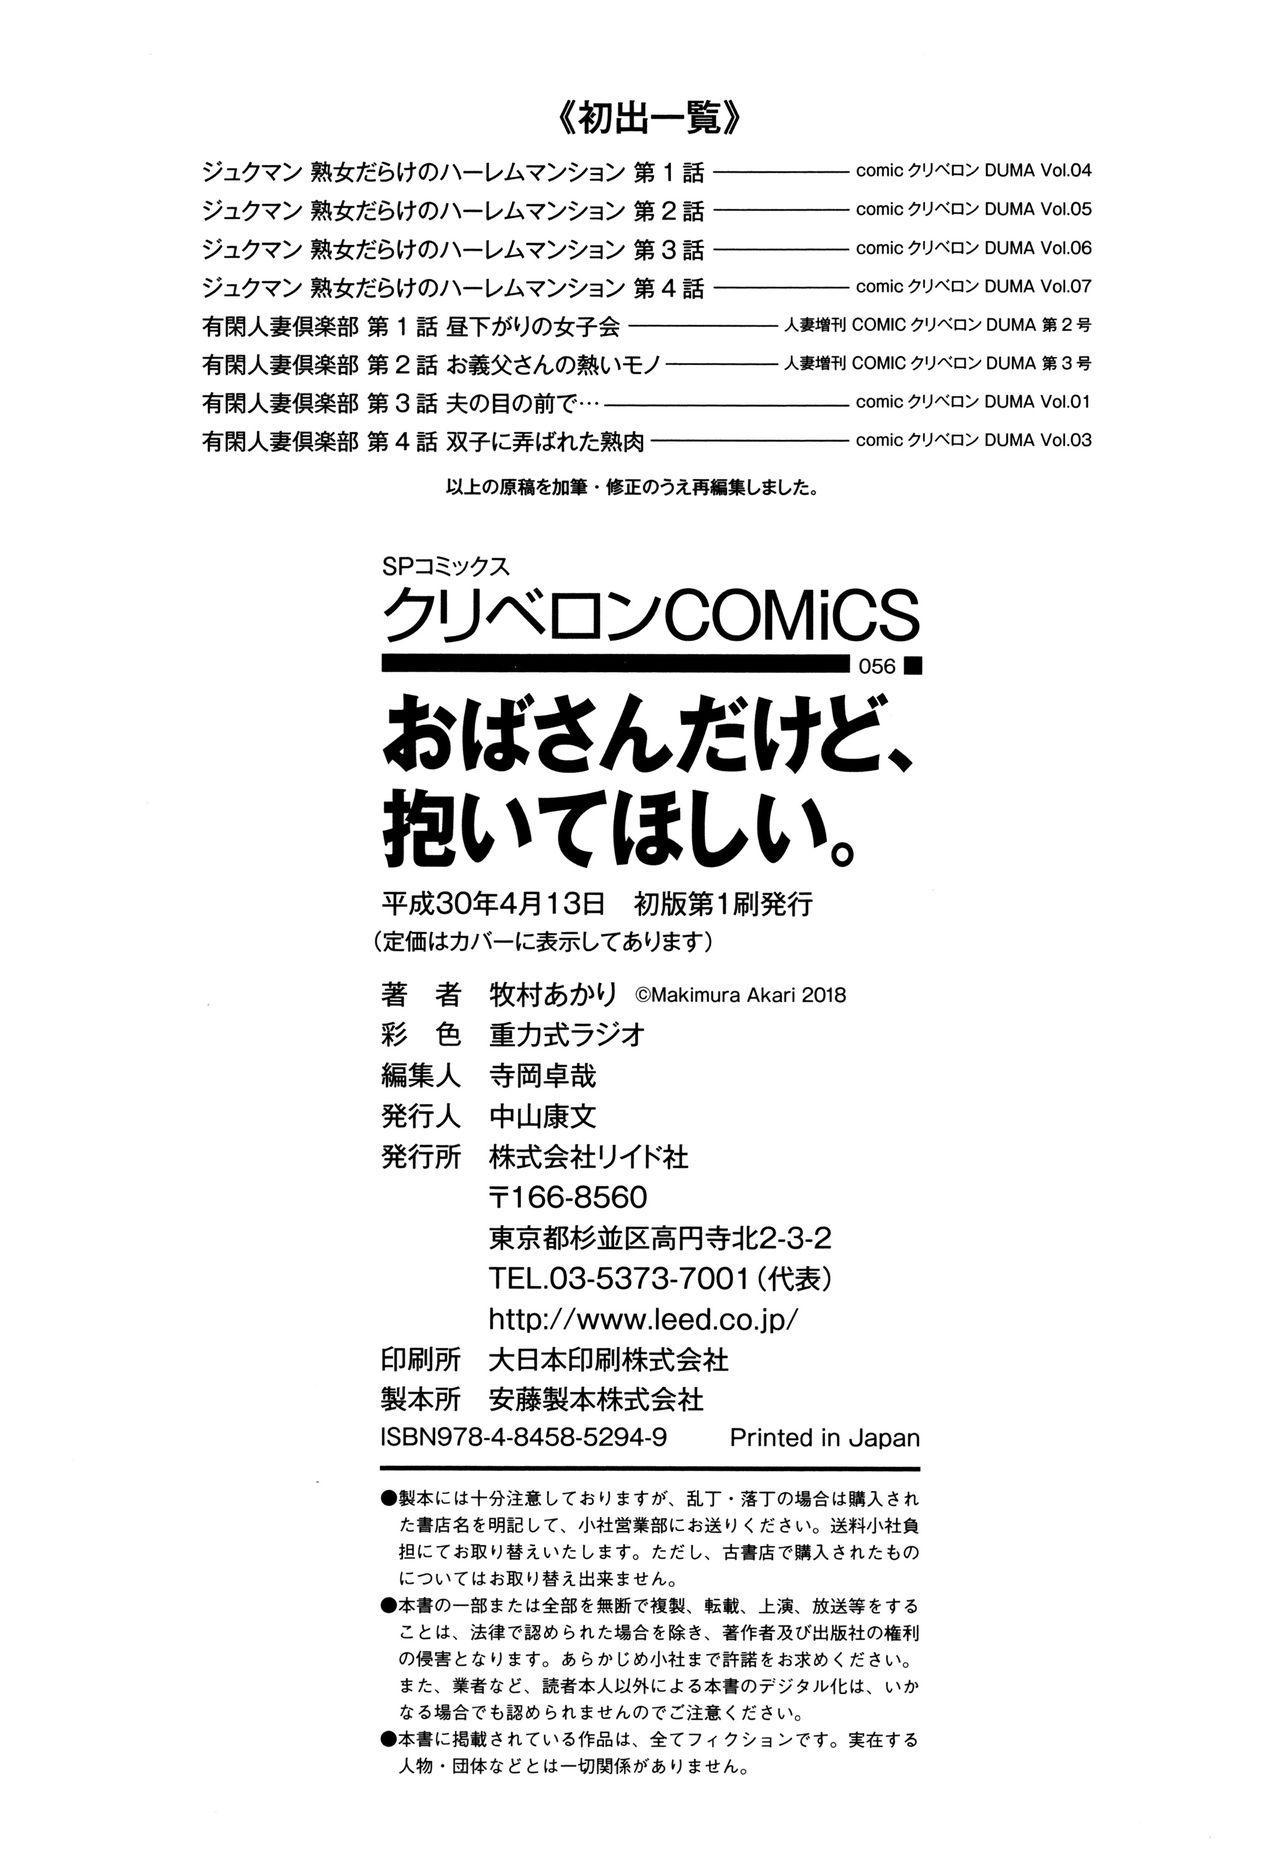 Oba-san dakedo, Daite Hoshii. 196